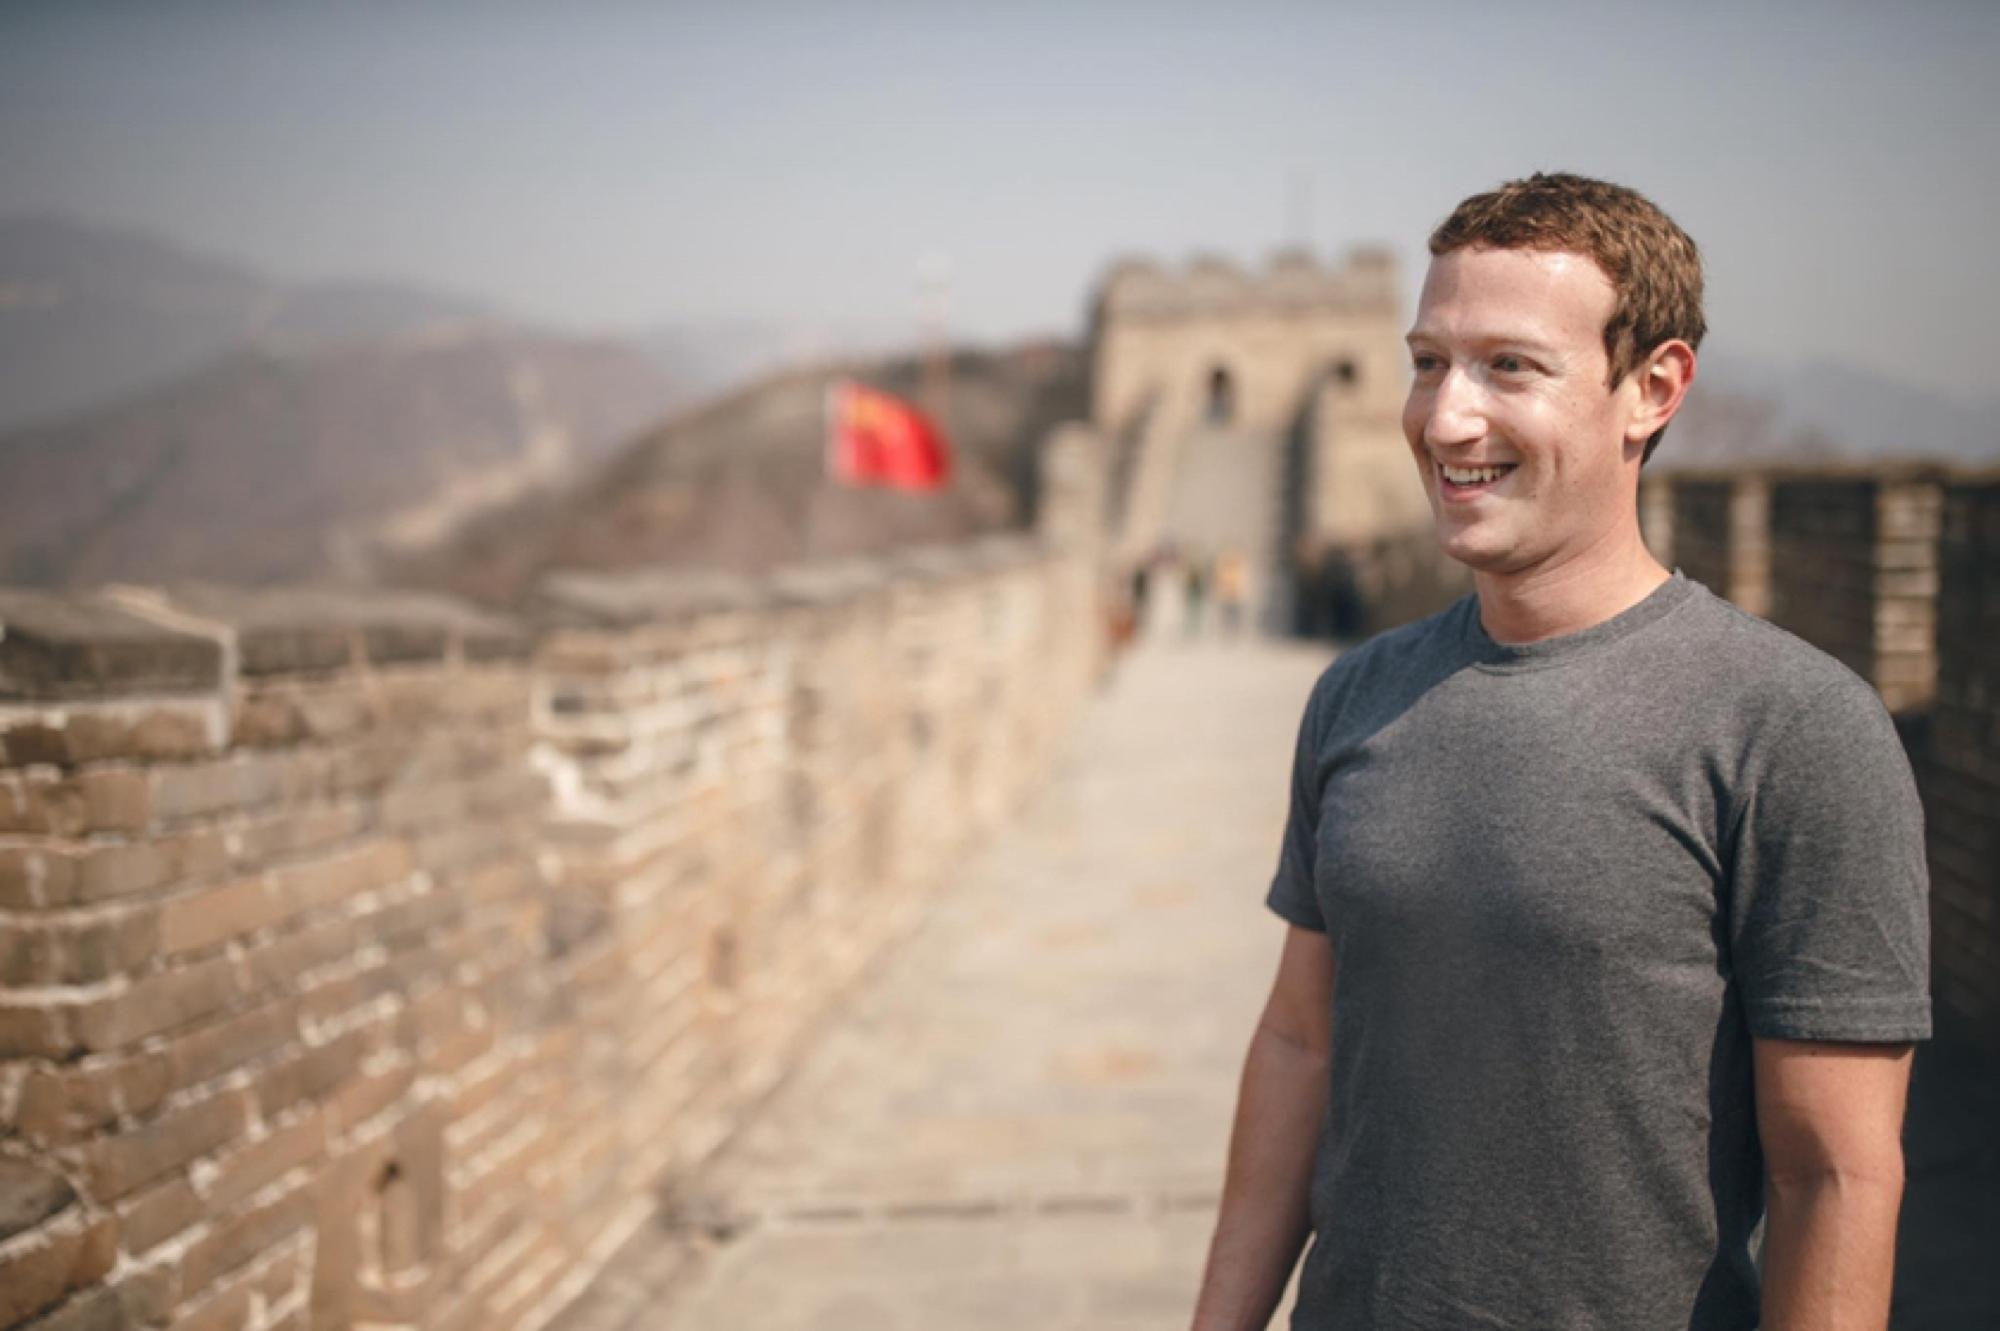 Hekkerek 81 ezer Facebook-felhasználó levelezését töltötték fel a netre